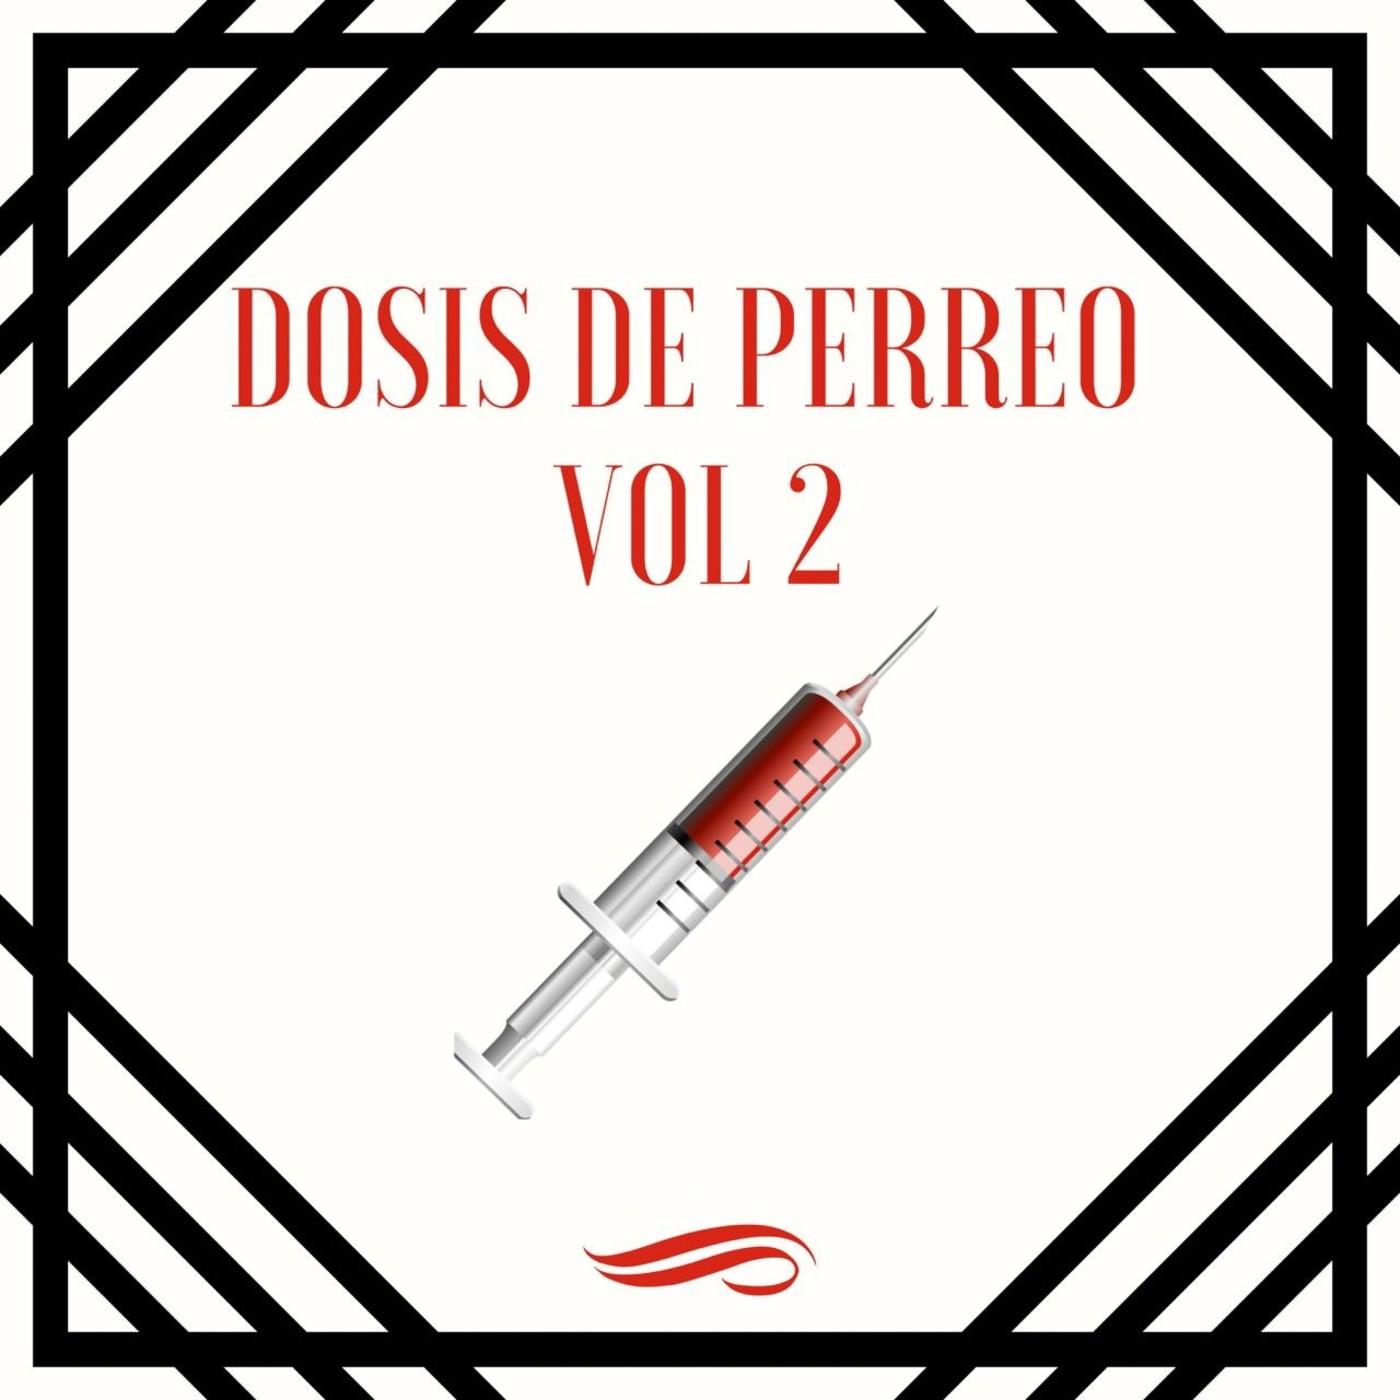 Dosis de perreo Vol. 2